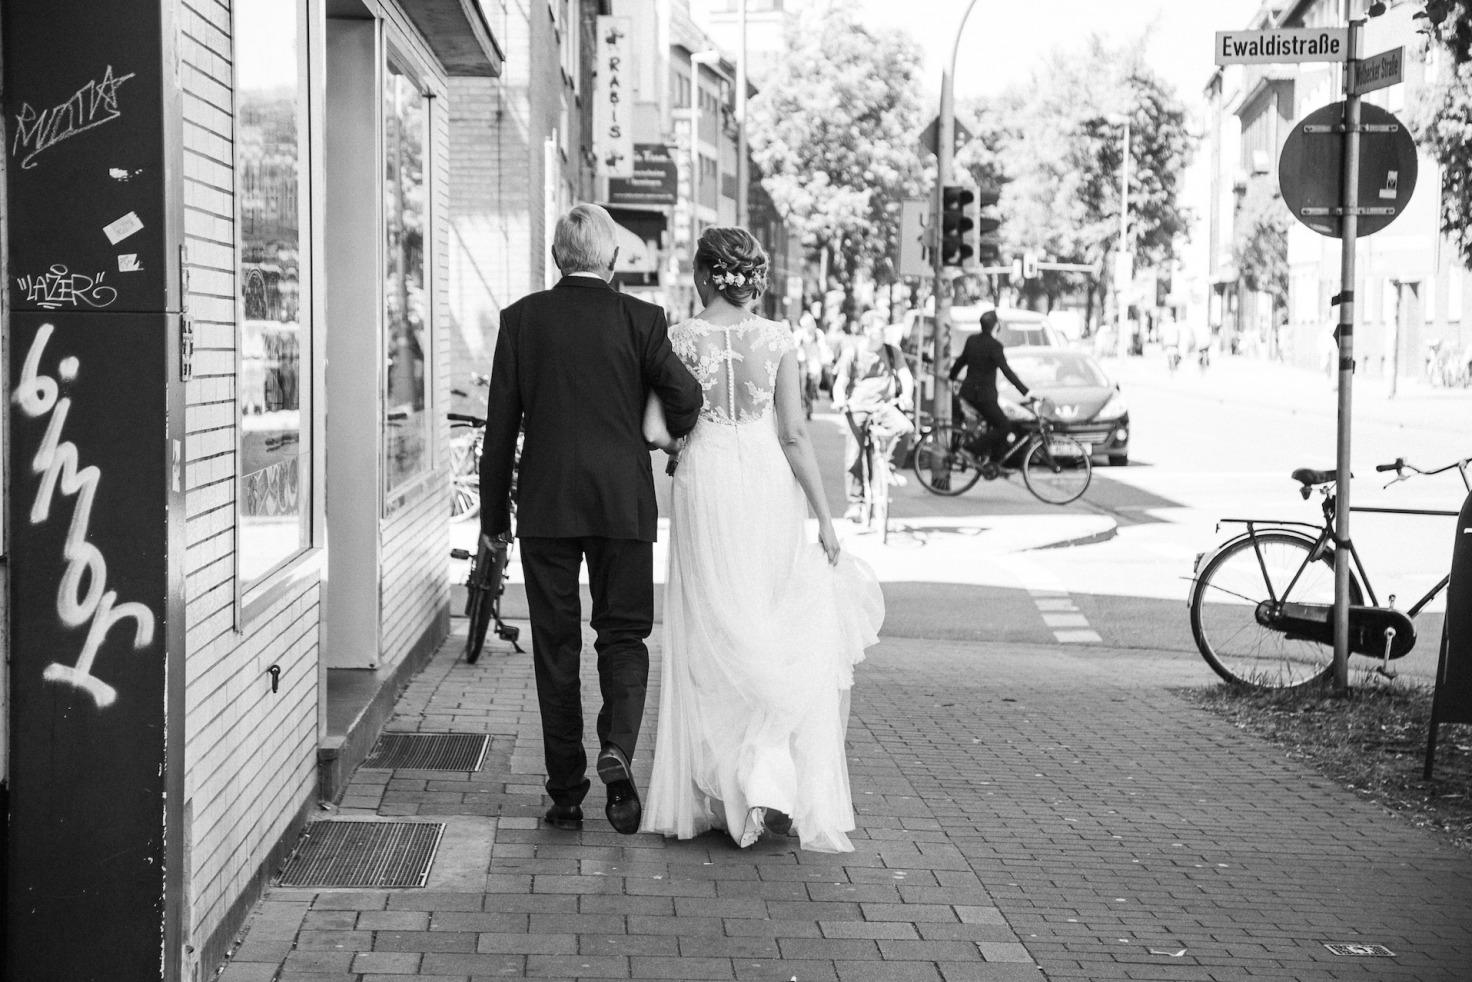 Hochzeit von Tine und Basti in Münster: auf dem Weg zur Trauung